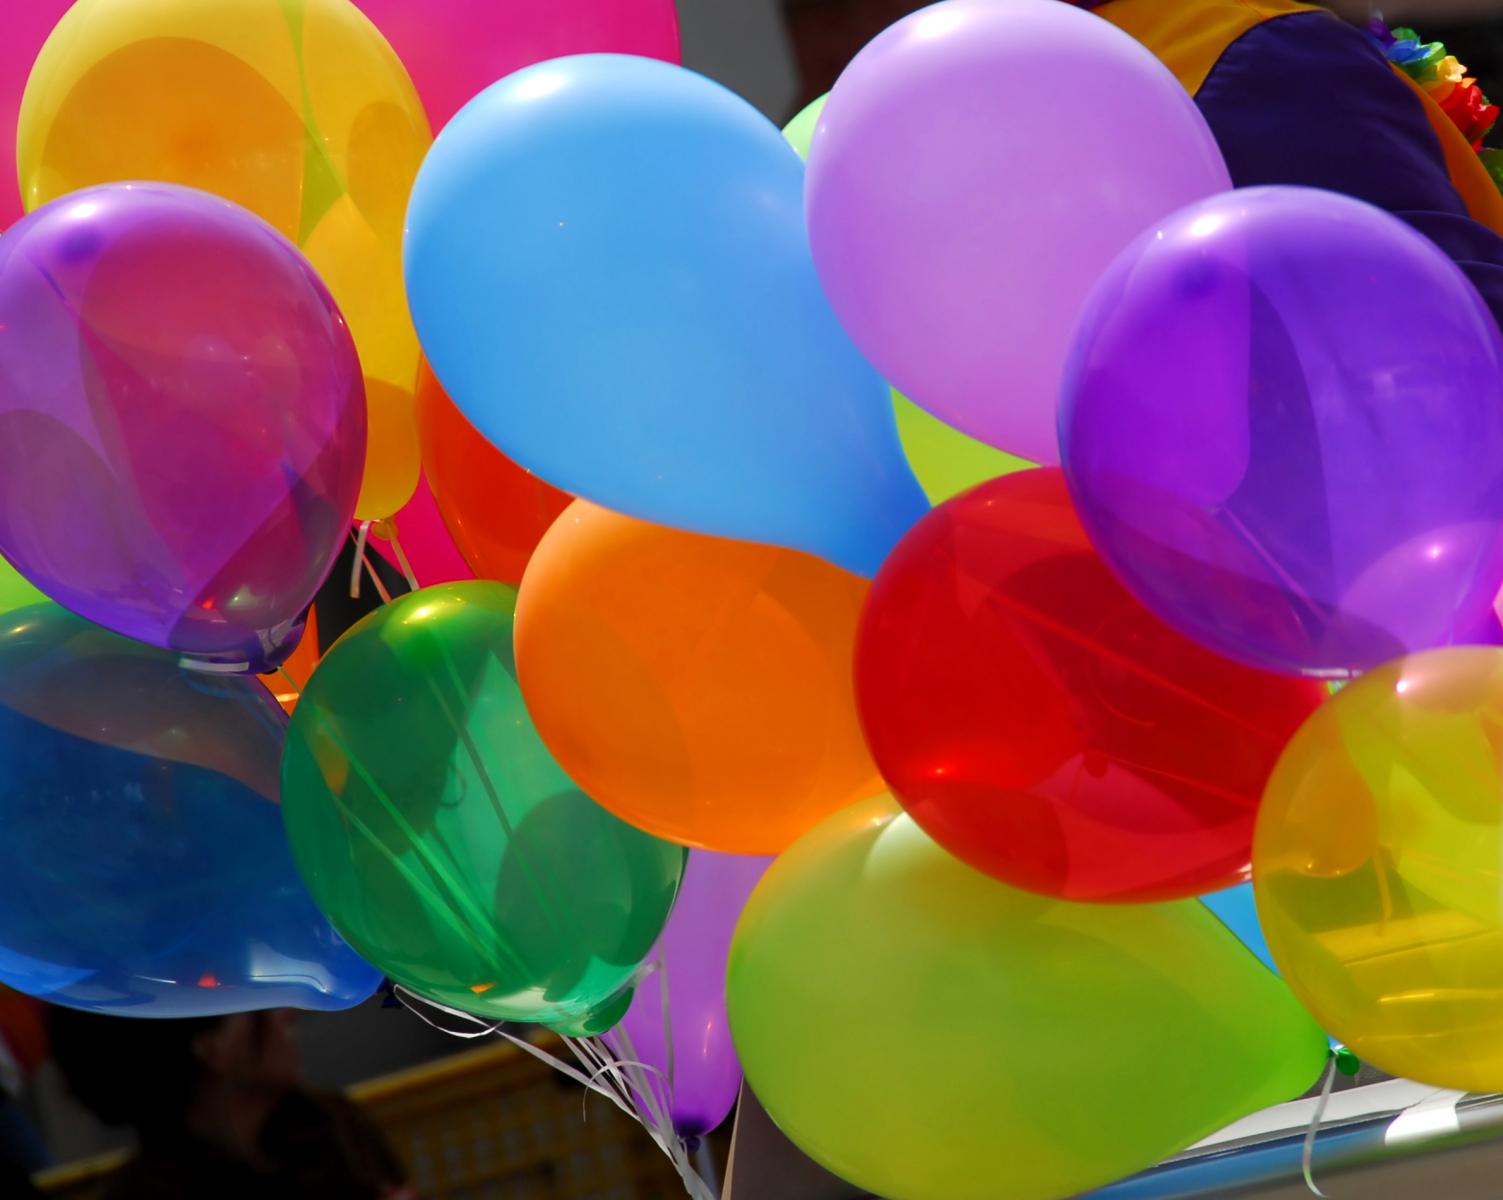 Flera ballonger i olika färger